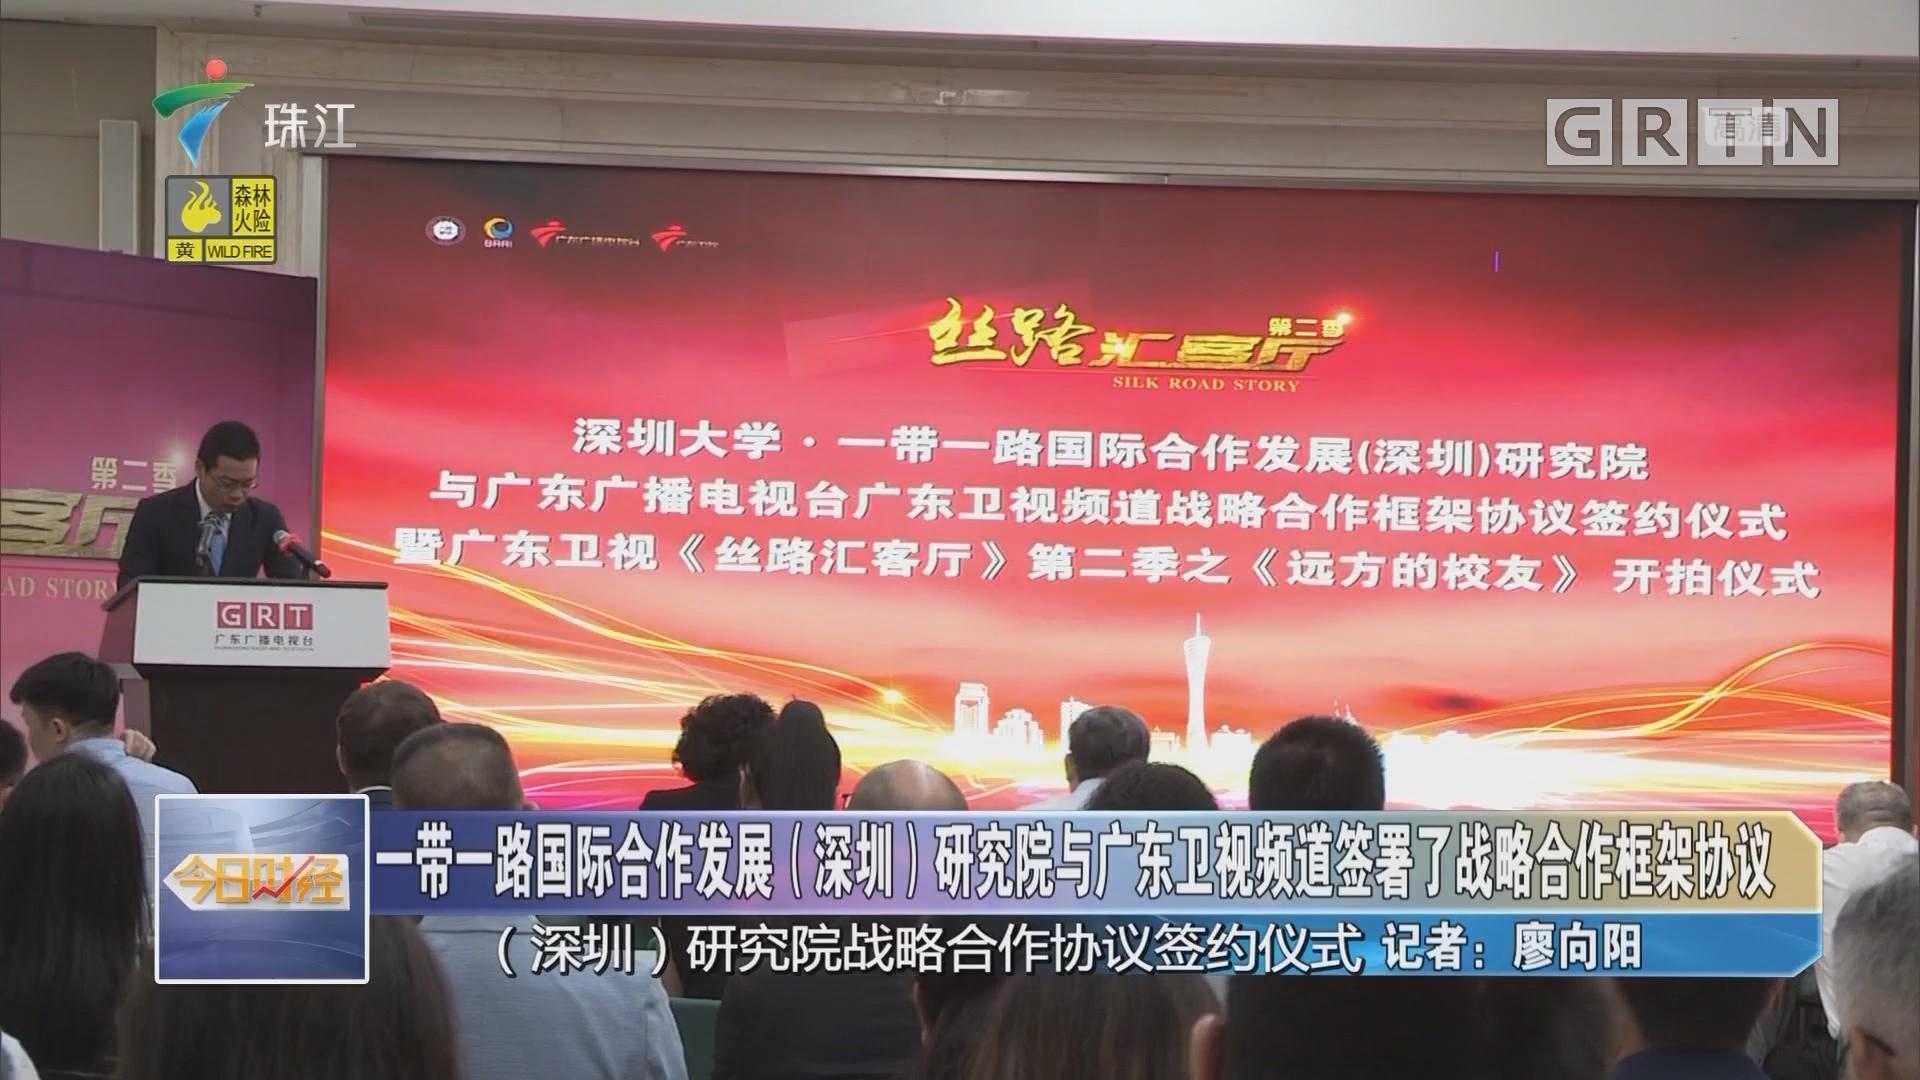 一带一路国际合作发展(深圳)研究院与广东卫视频道签署了战略合作框架协议